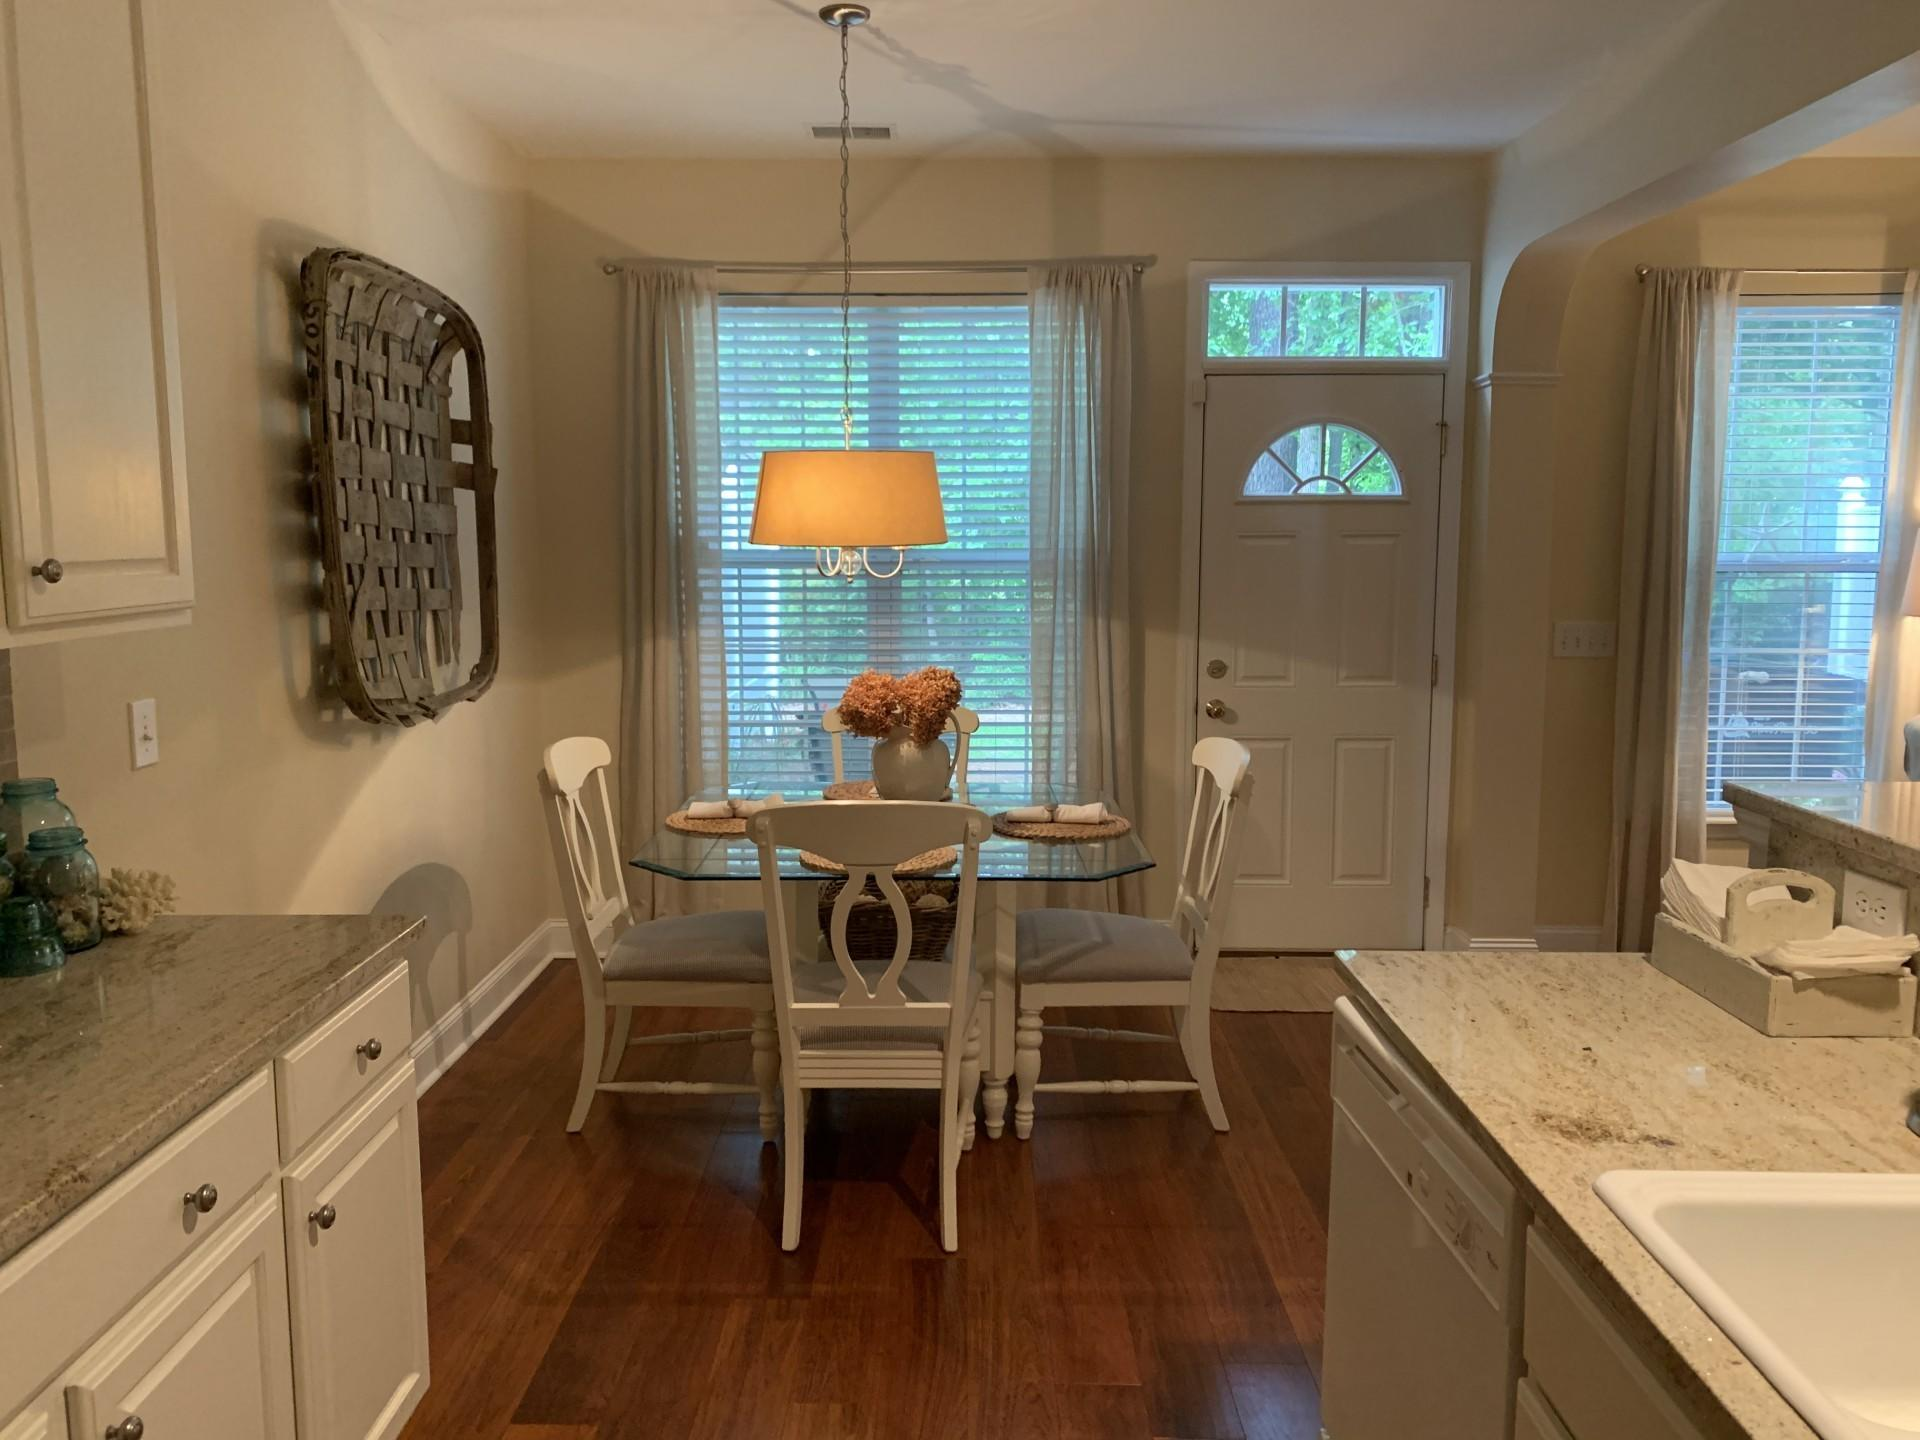 Park West Homes For Sale - 2455 Draymohr, Mount Pleasant, SC - 0